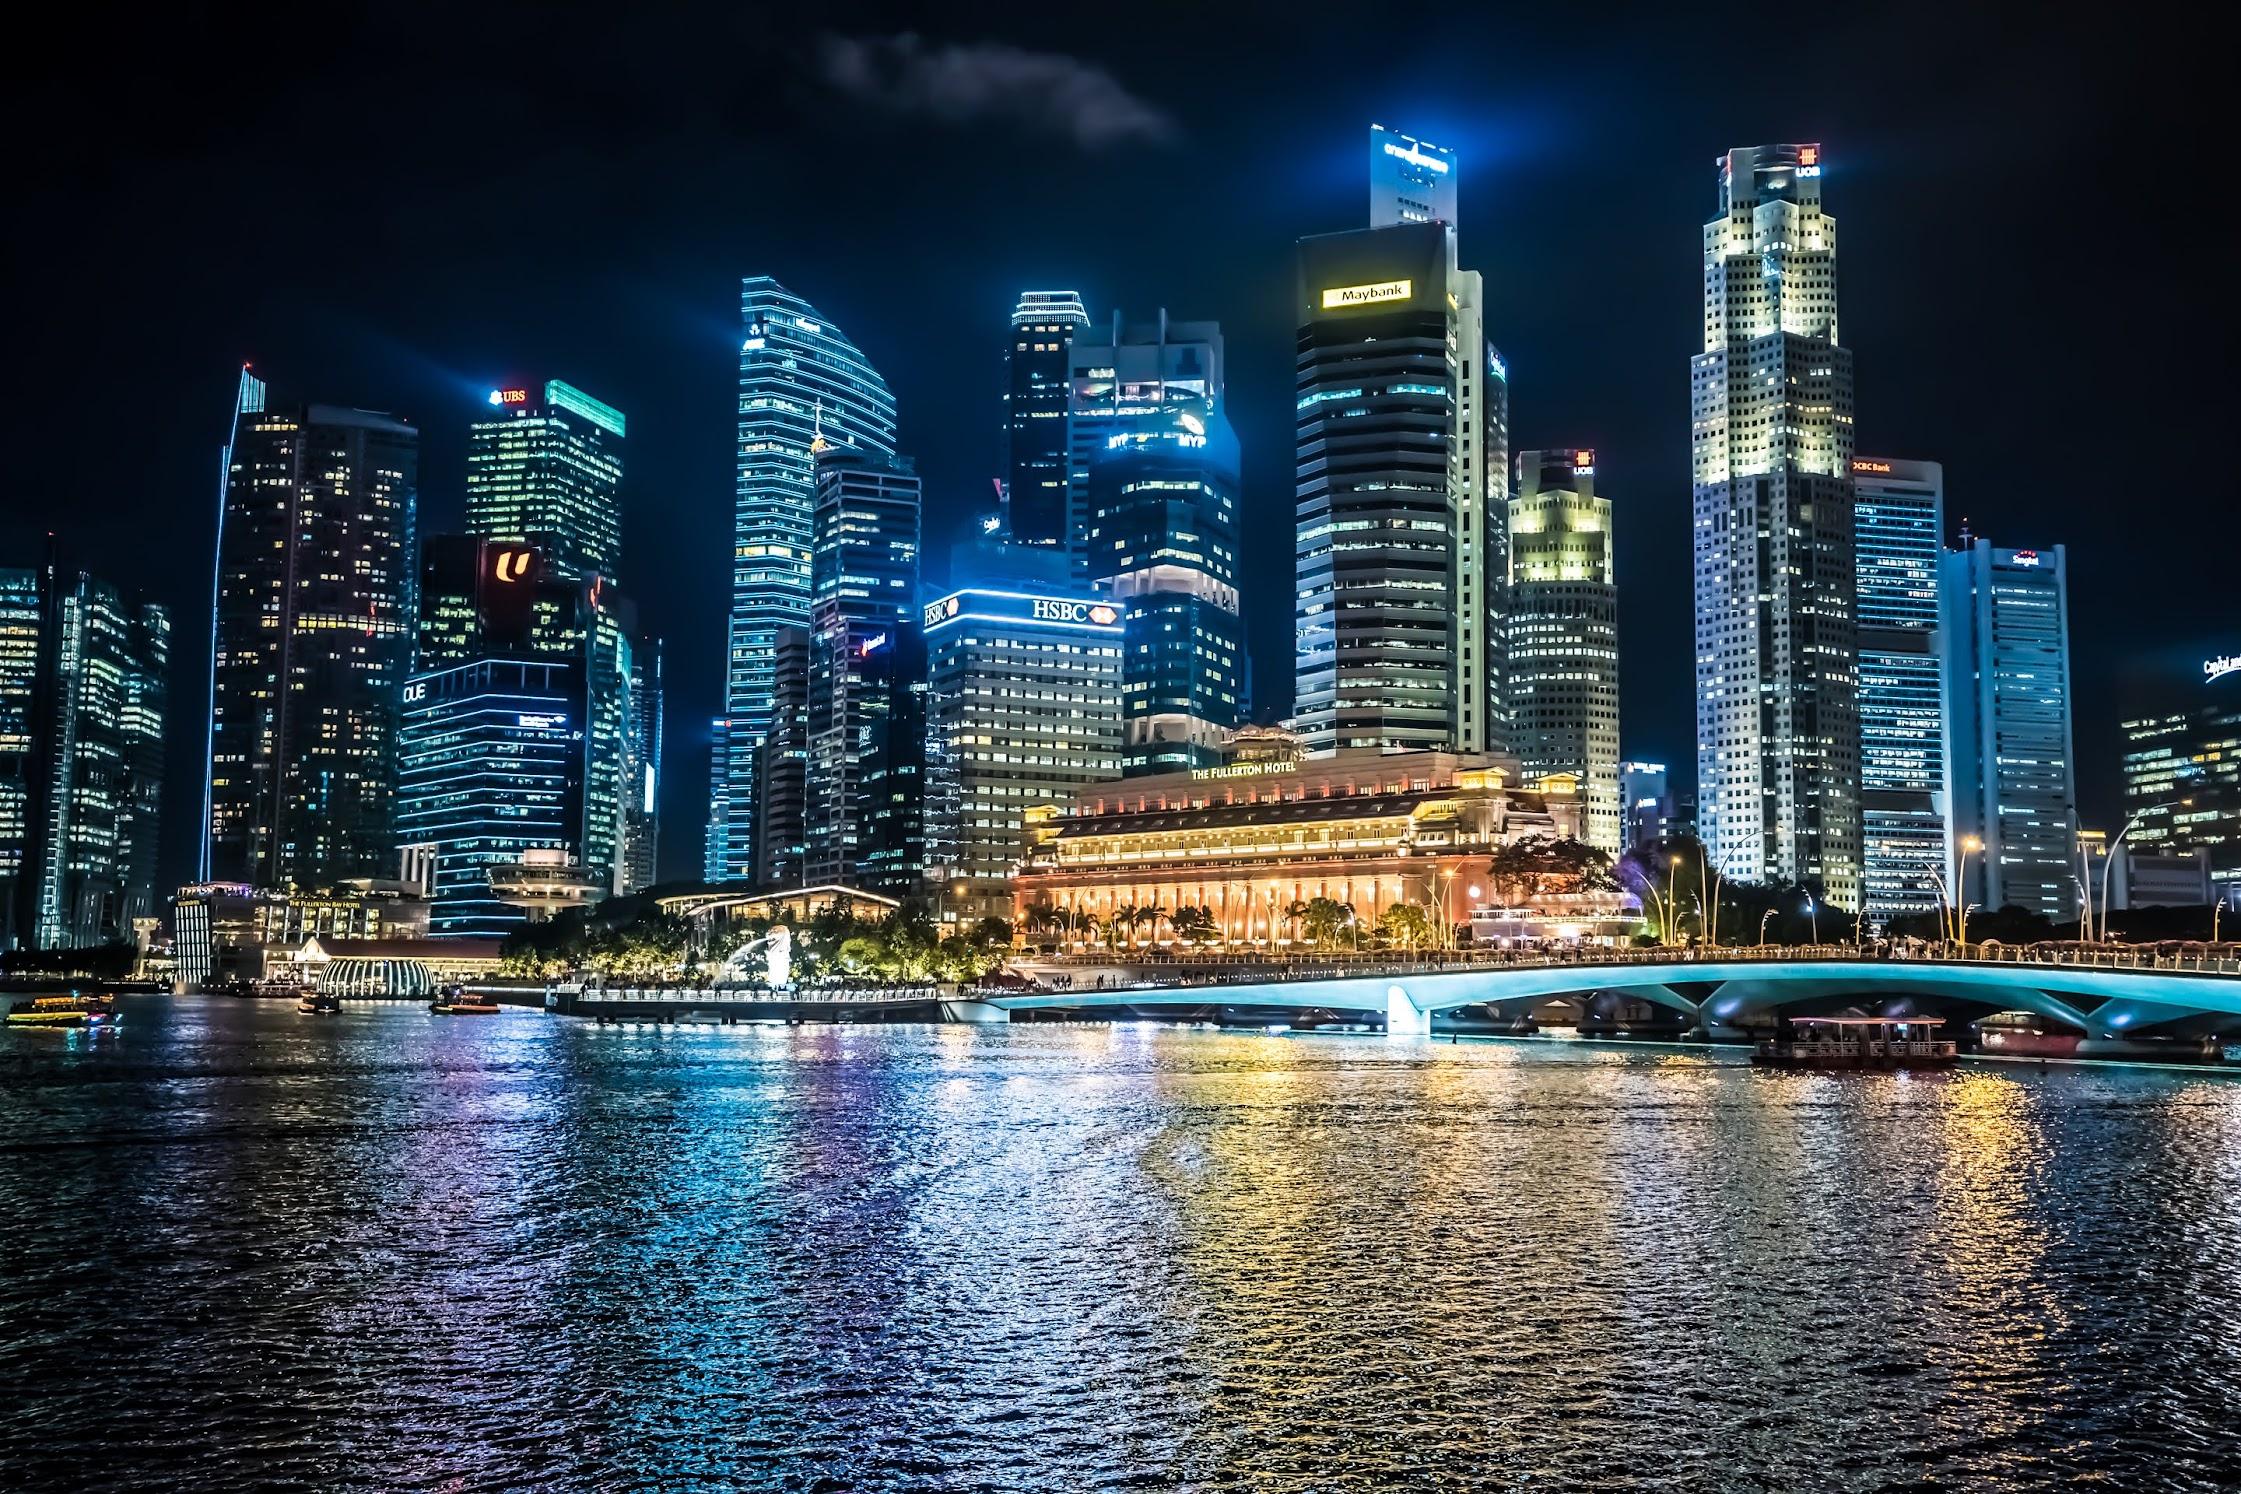 シンガポール マリーナ地区 夜1